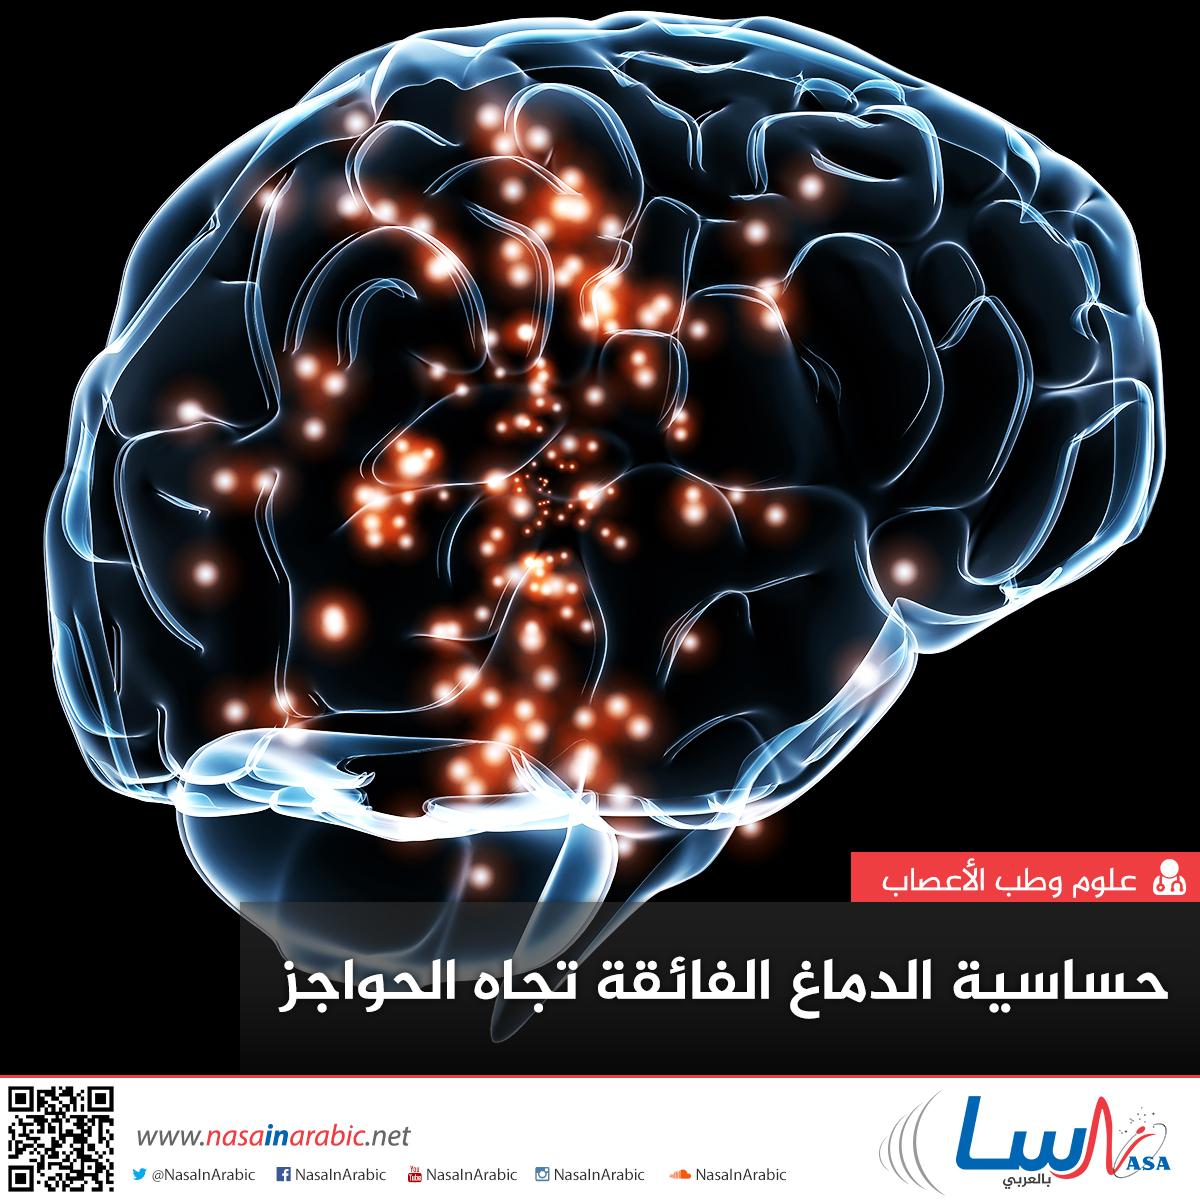 حساسية الدماغ الفائقة تجاه الحواجز والحدود المحيطة